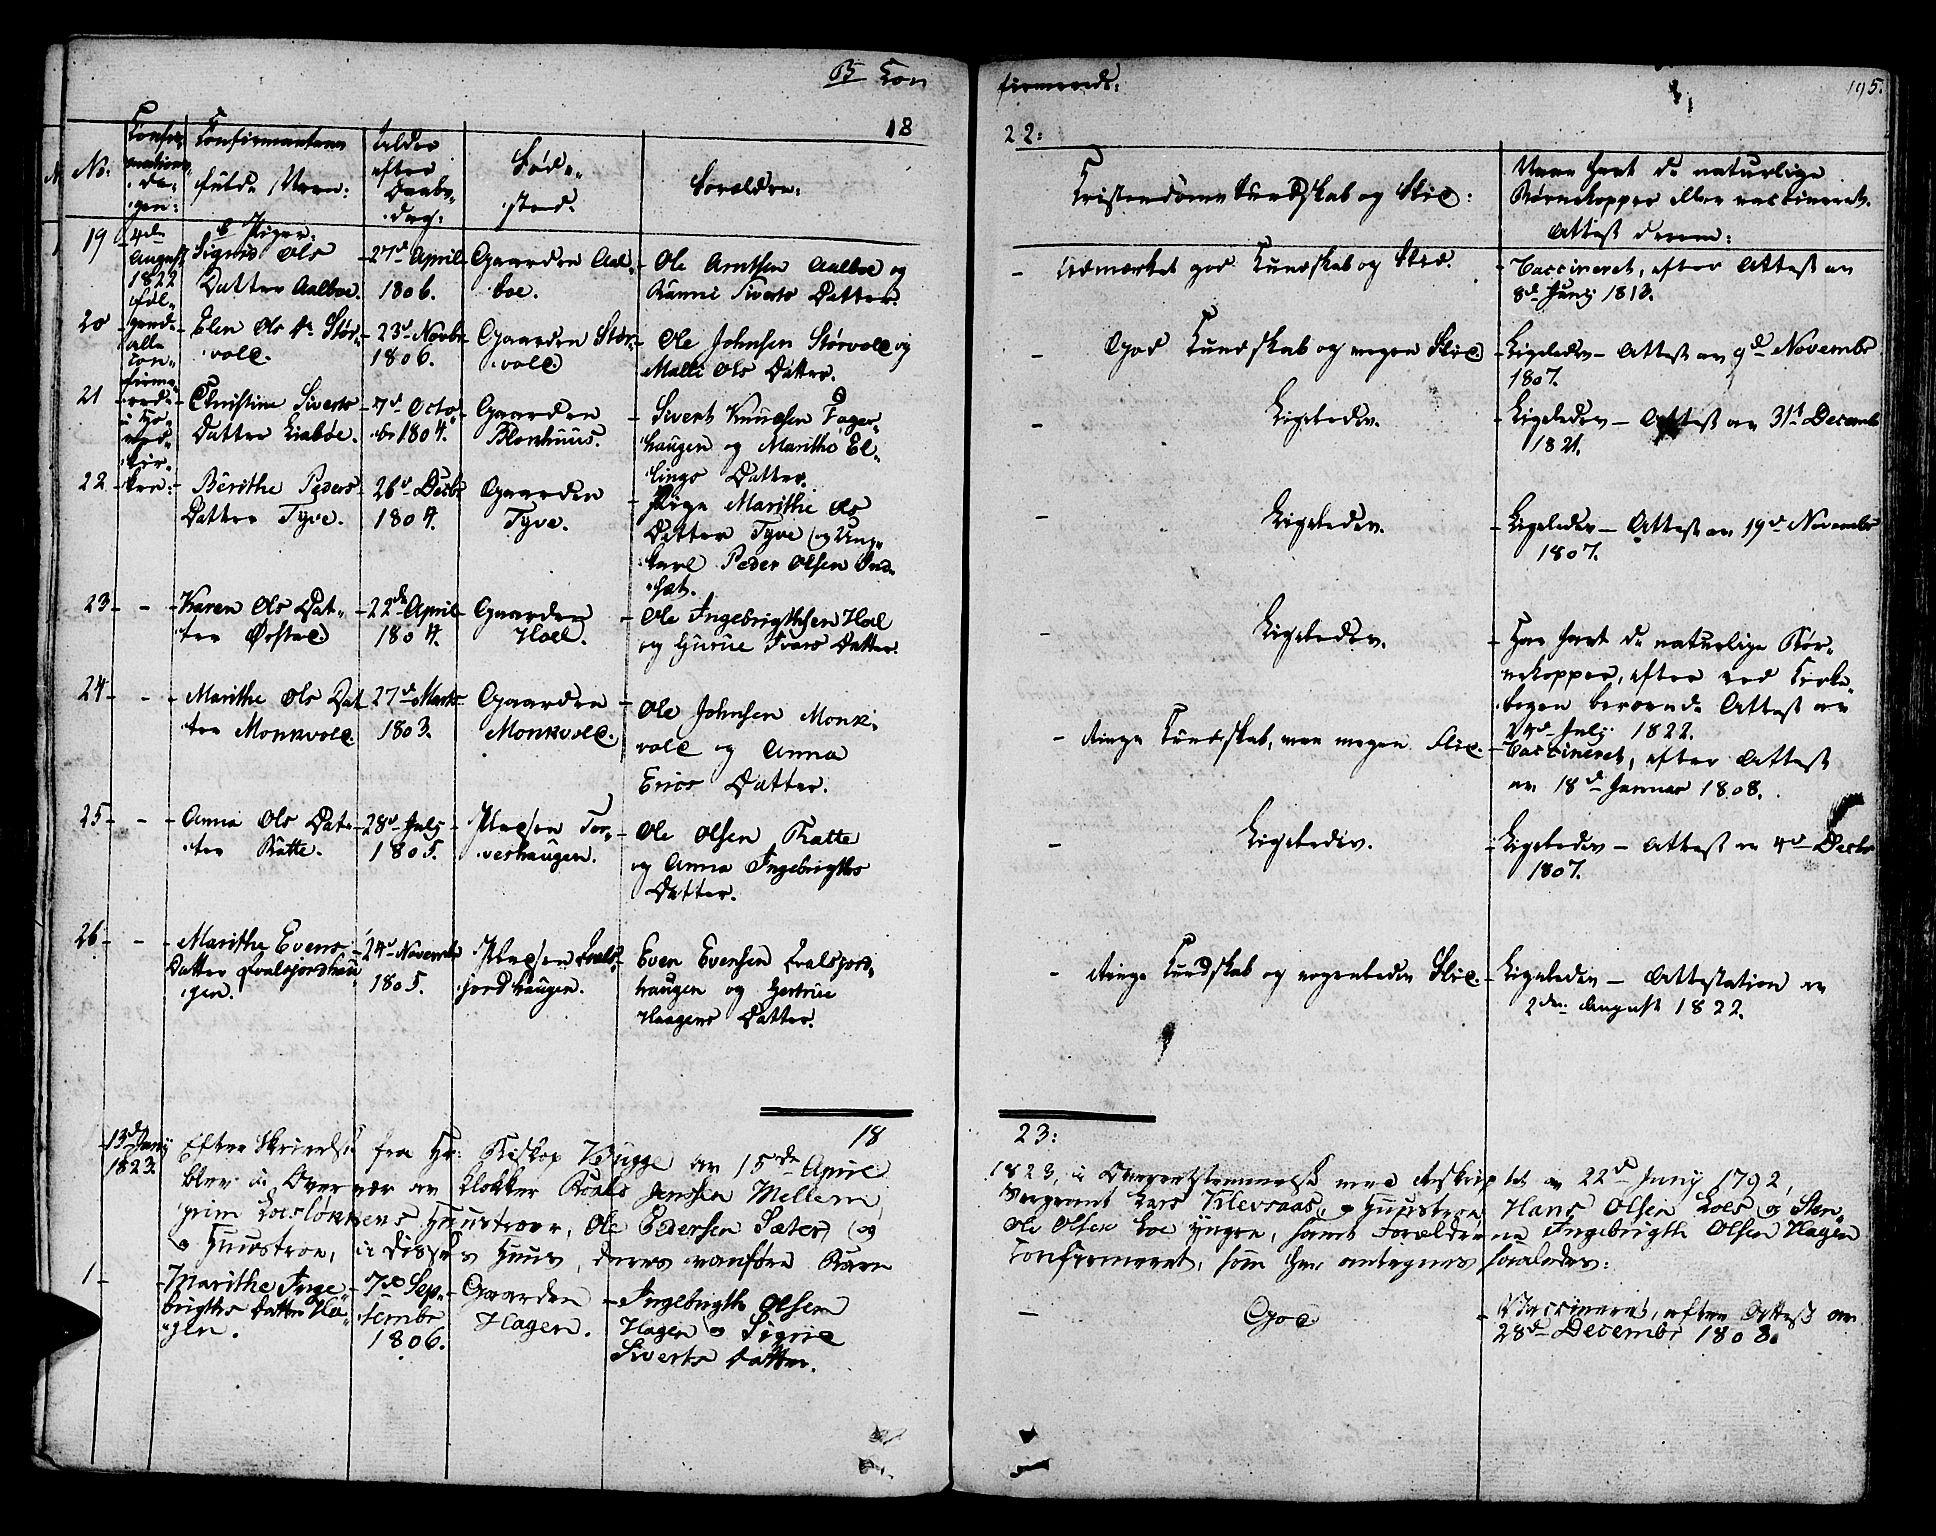 SAT, Ministerialprotokoller, klokkerbøker og fødselsregistre - Sør-Trøndelag, 678/L0897: Ministerialbok nr. 678A06-07, 1821-1847, s. 195